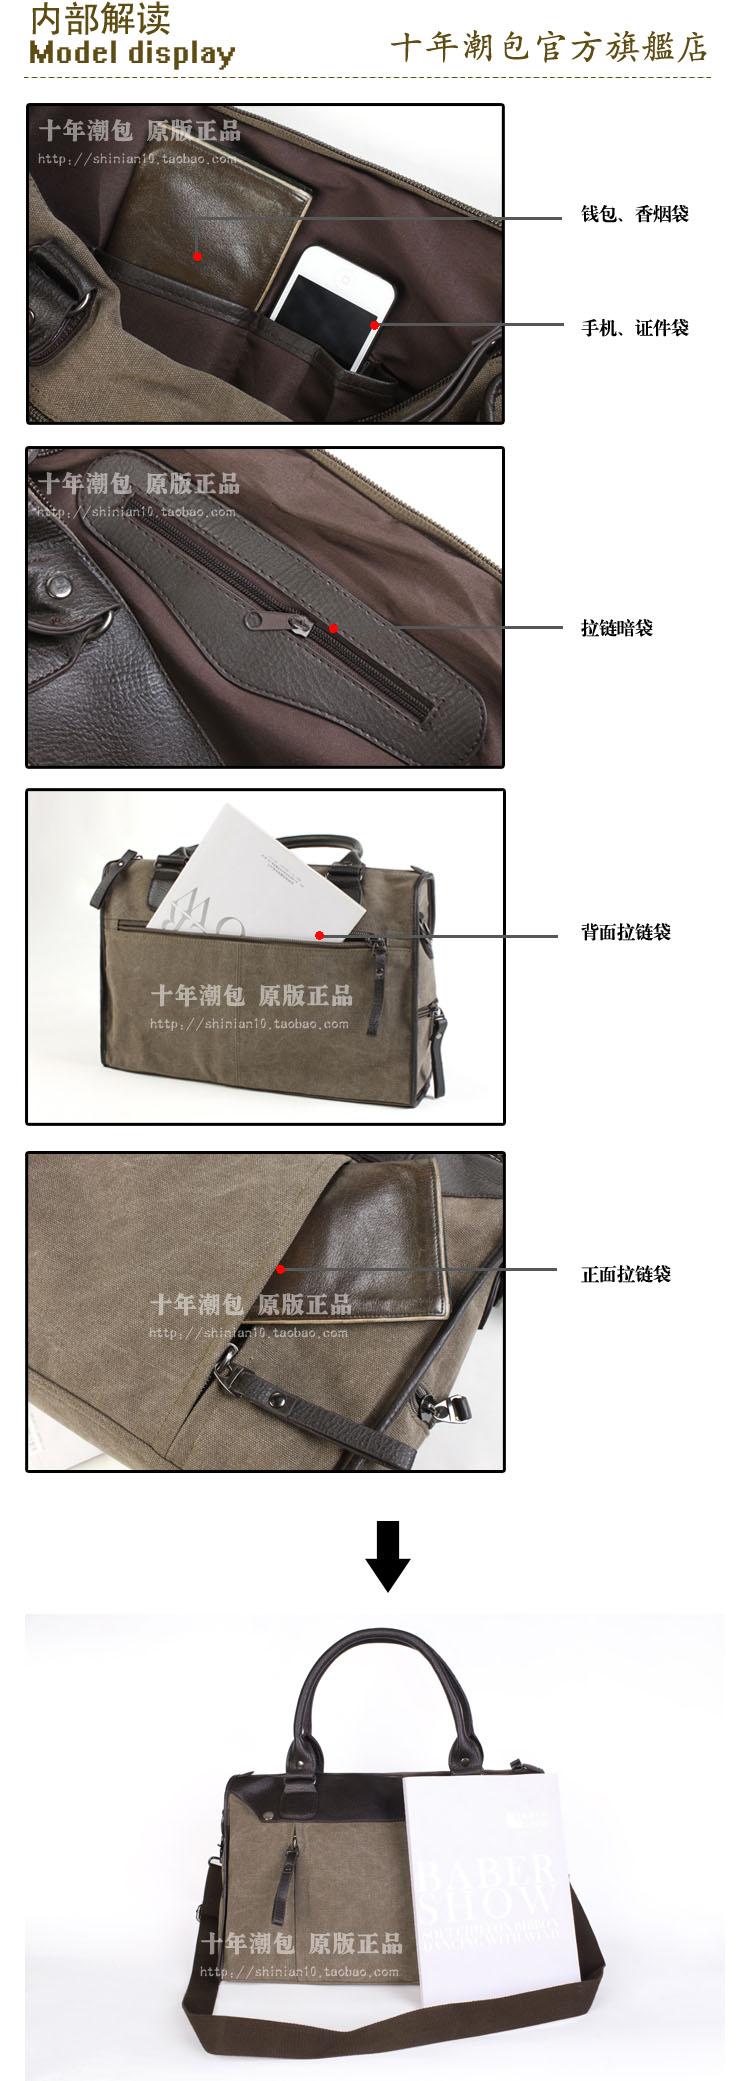 Tui Xach Nam HQ HM02  14